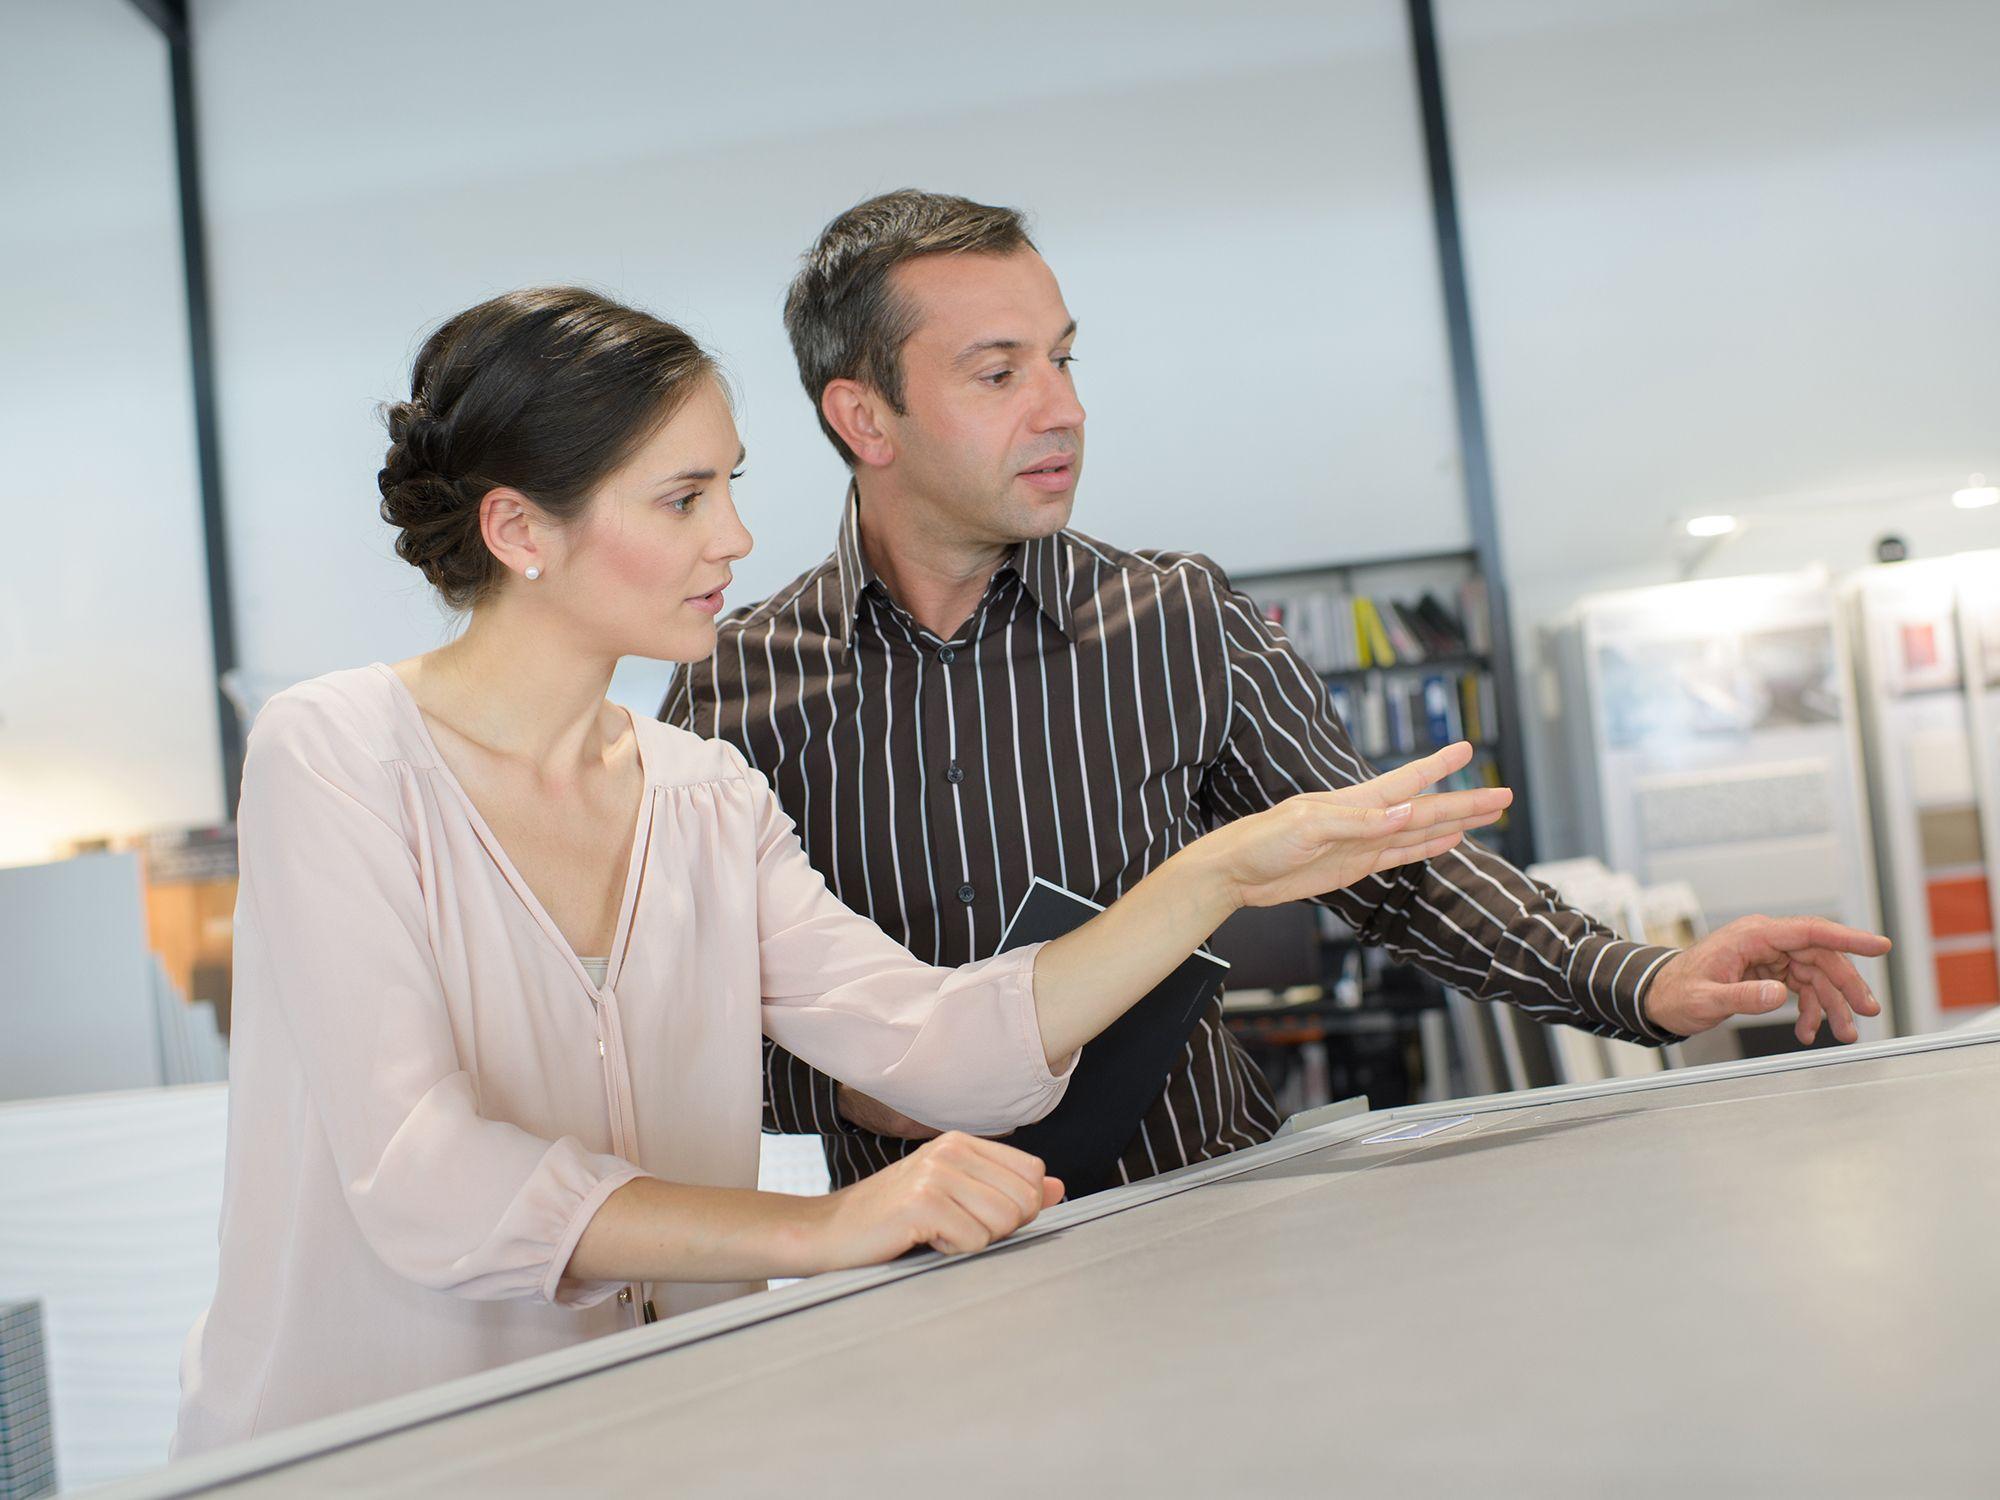 Level 5 - Dekorateure wie Raumausstatter, Schaufensterdekorateure, Inneneinrichter, Innenausstatter, Innendekorateure, Raumdesigner, Raumgestalter, Schaufenstergestalter, Gestalter Leiharbeiter, Zeitarbeiter, Leiharbeitnehmer, Leihkraft, Temporärarbeiter für den Einzelhandel, Verkaufsförderung, Absatzförderung, Verkaufsinnendienst, Verkaufsabteilung und Großhandel bei uns als Personalagentur, Zeitarbeitsfirma, Zeitarbeitsunternehmen, Personal-Service-Agentur, Personaldienstleistungsagentur und Leiharbeitsfirma per Arbeitnehmer-Leasing, Arbeitnehmerüberlassung, Arbeitskräfte-Leasing, Arbeitskräfteüberlassung, Arbeitskraftüberlassung, Leiharbeit, Mitarbeiter-Leasing, Mitarbeiterleasing, Mitarbeiterüberlassung, Personaldienstleistung, Personalleasing, Personalüberlassung, Temporärarbeit, Zeitarbeit buchen, mieten, leihen oder langfristig neue Mitarbeiter für Jobs wie Schülerjobs, Ferienjobs, Aushilfsjobs, Studentenjobs, Werkstudentenjobs, Saisonjobs, Vollzeit Jobs, Teilzeit Jobs, Nebenjobs, Temporär Jobs, Gelegenheitsjobs per Personalvermittlung suchen, finden und vermittelt bekommen.